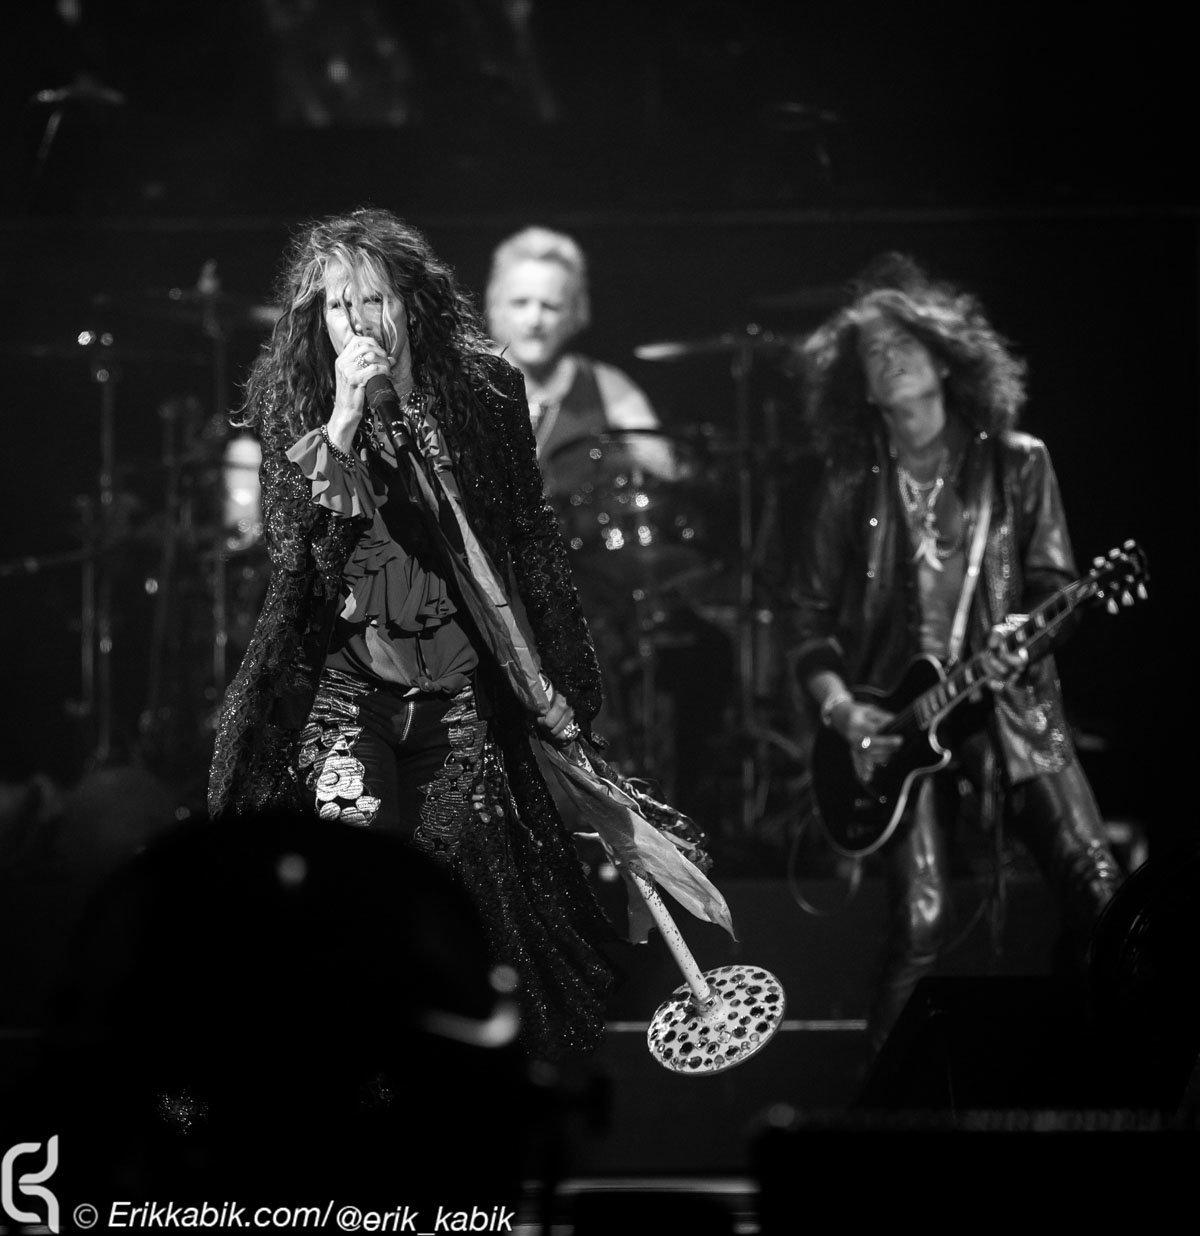 08_01_15_Aerosmith_MGM_kabik-89.jpg